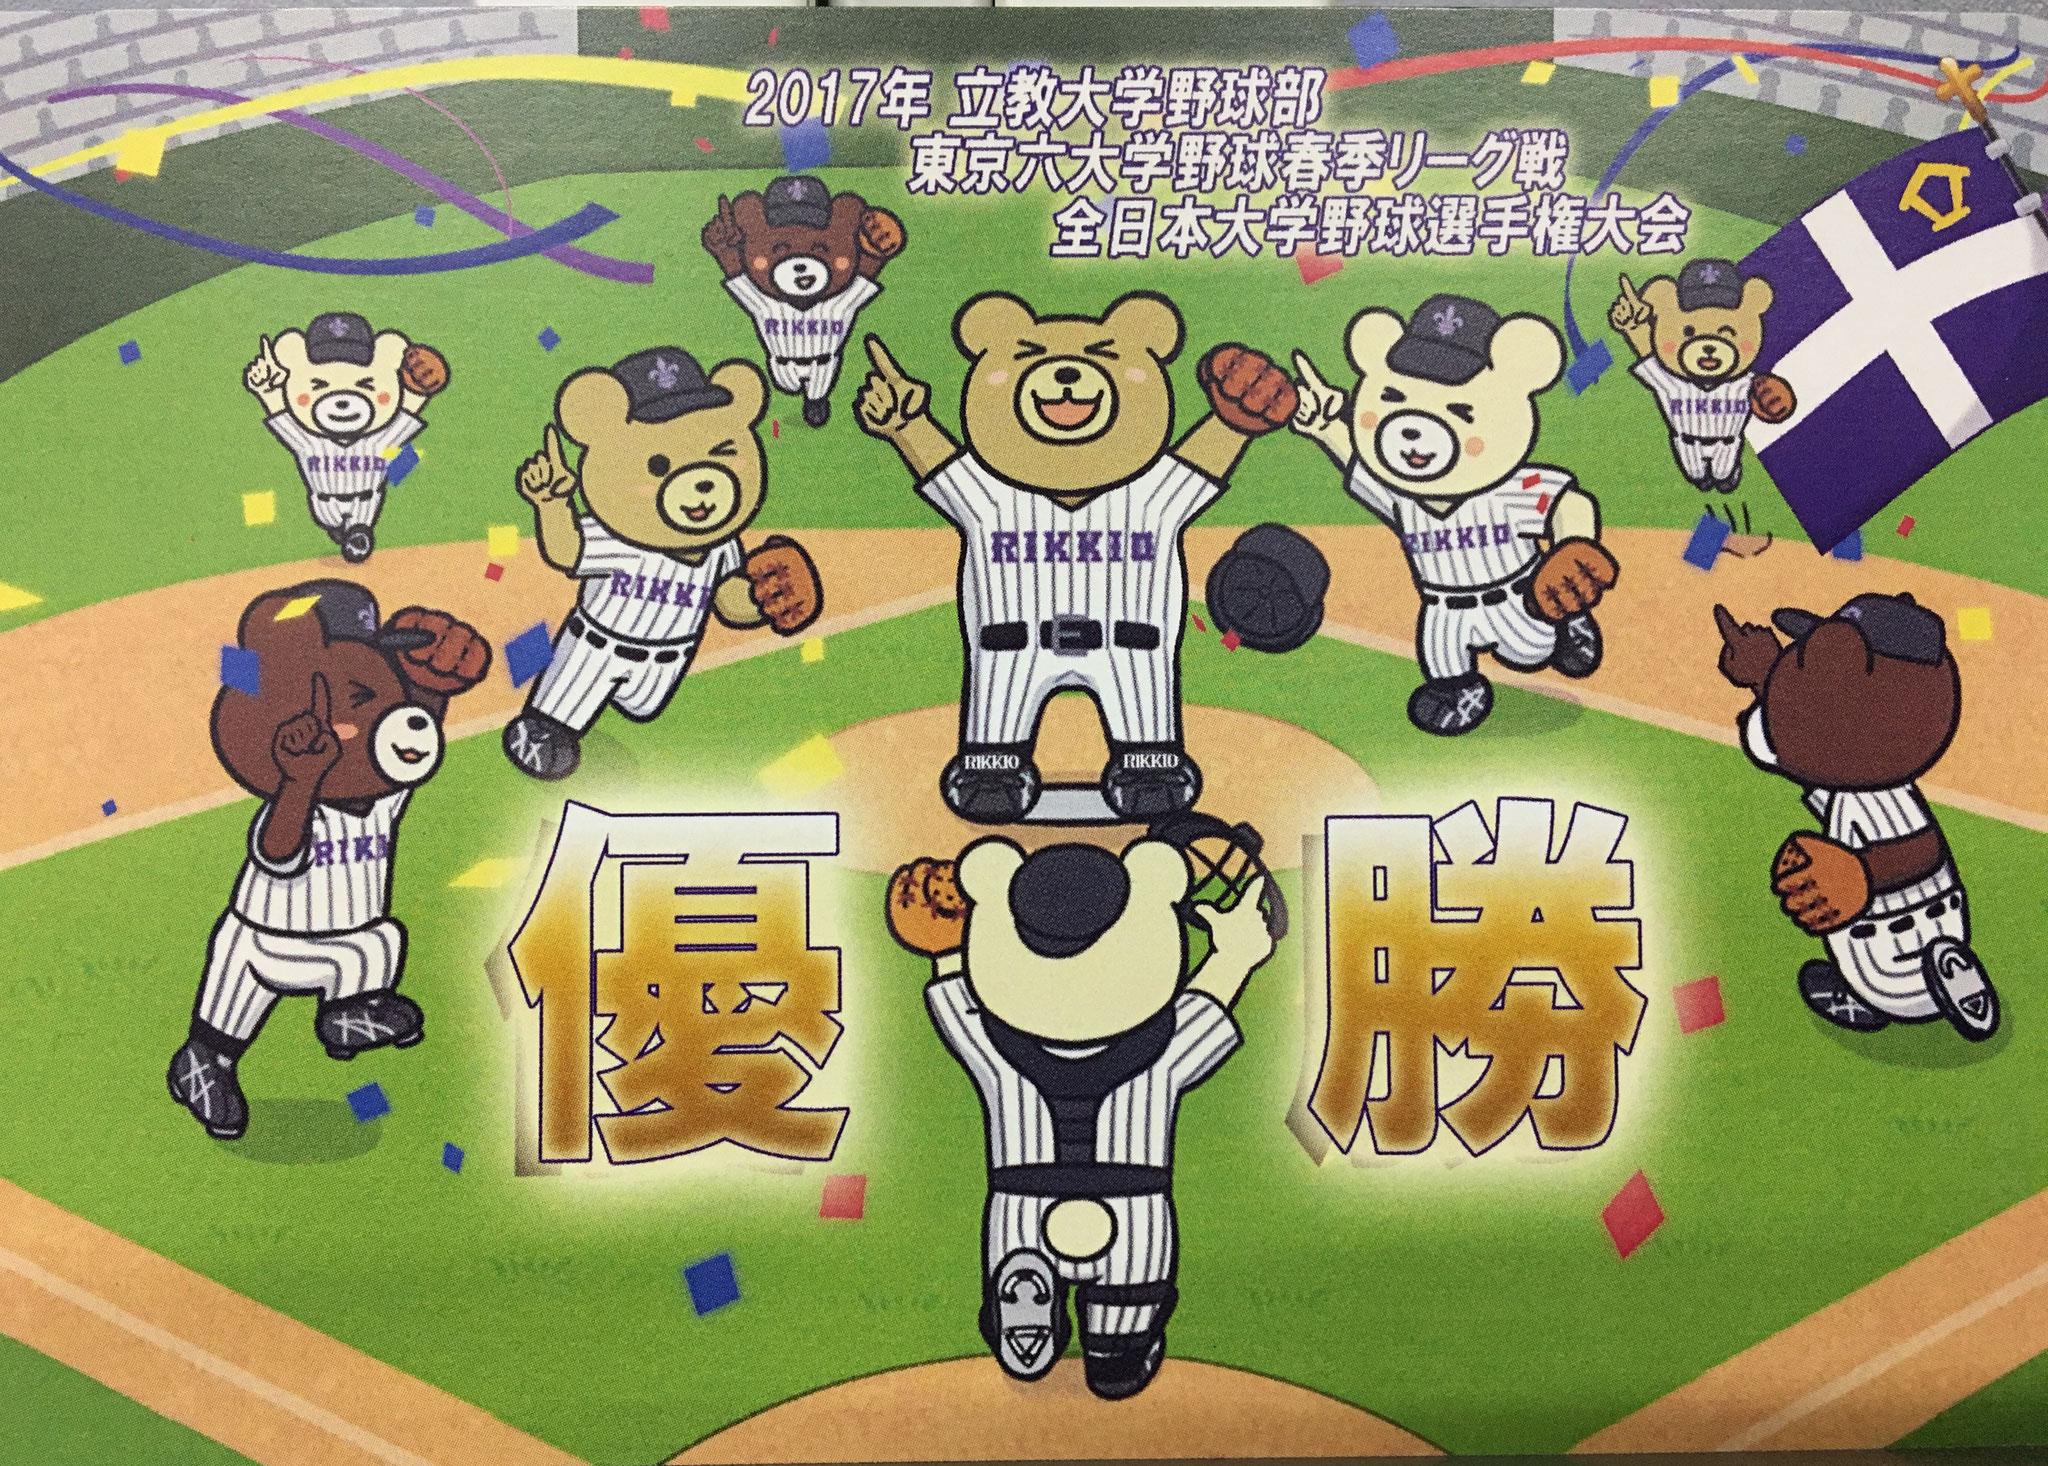 山崎由紀子さんの自作の絵はがきを当日出席者へプレゼント1